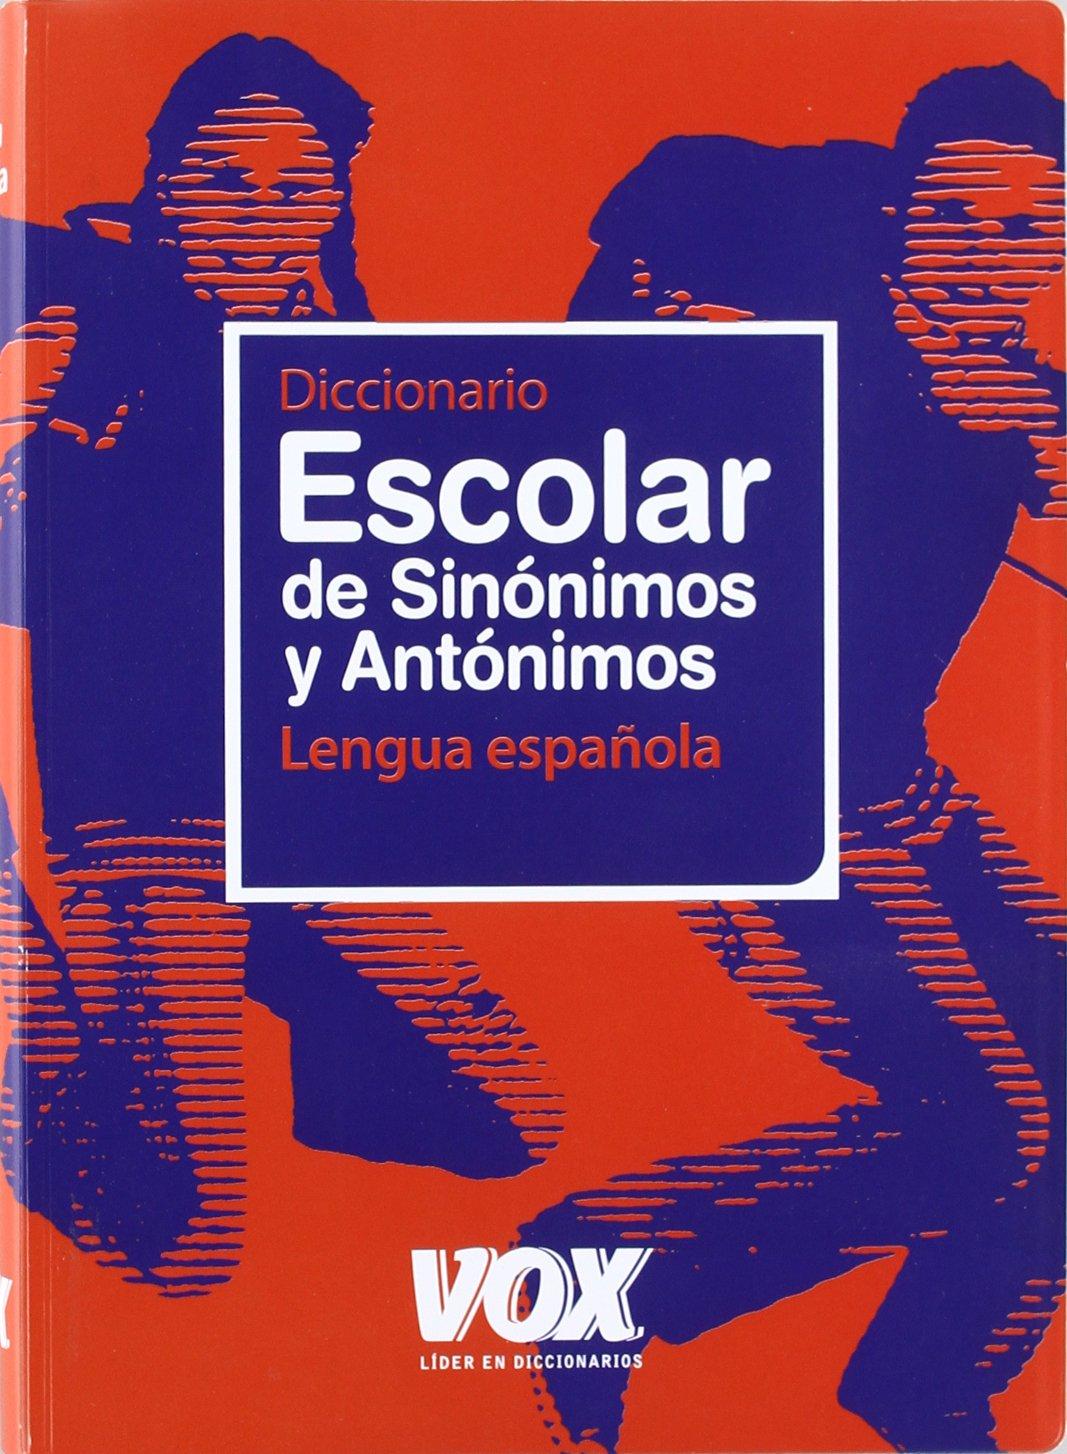 Diccionario escolar de sinonimos y antonimos de la lengua espanola / Spanish Language School Dictionary of Synonyms and Antonyms (Spanish Edition)